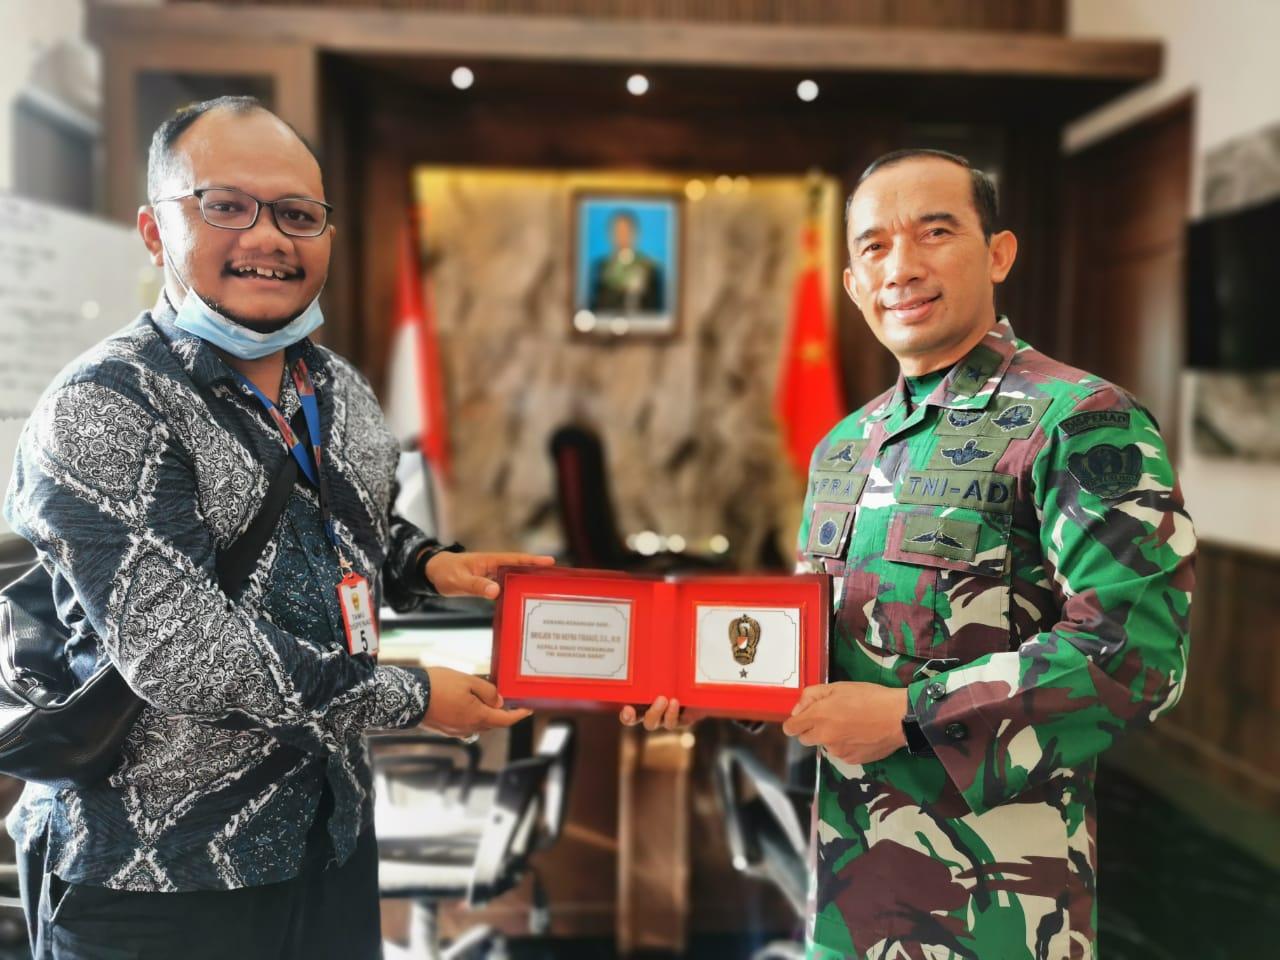 Kadispenad Brigjen TNI Nefra Firdaus Beri Cinderamata untuk Media Dialeksis.com